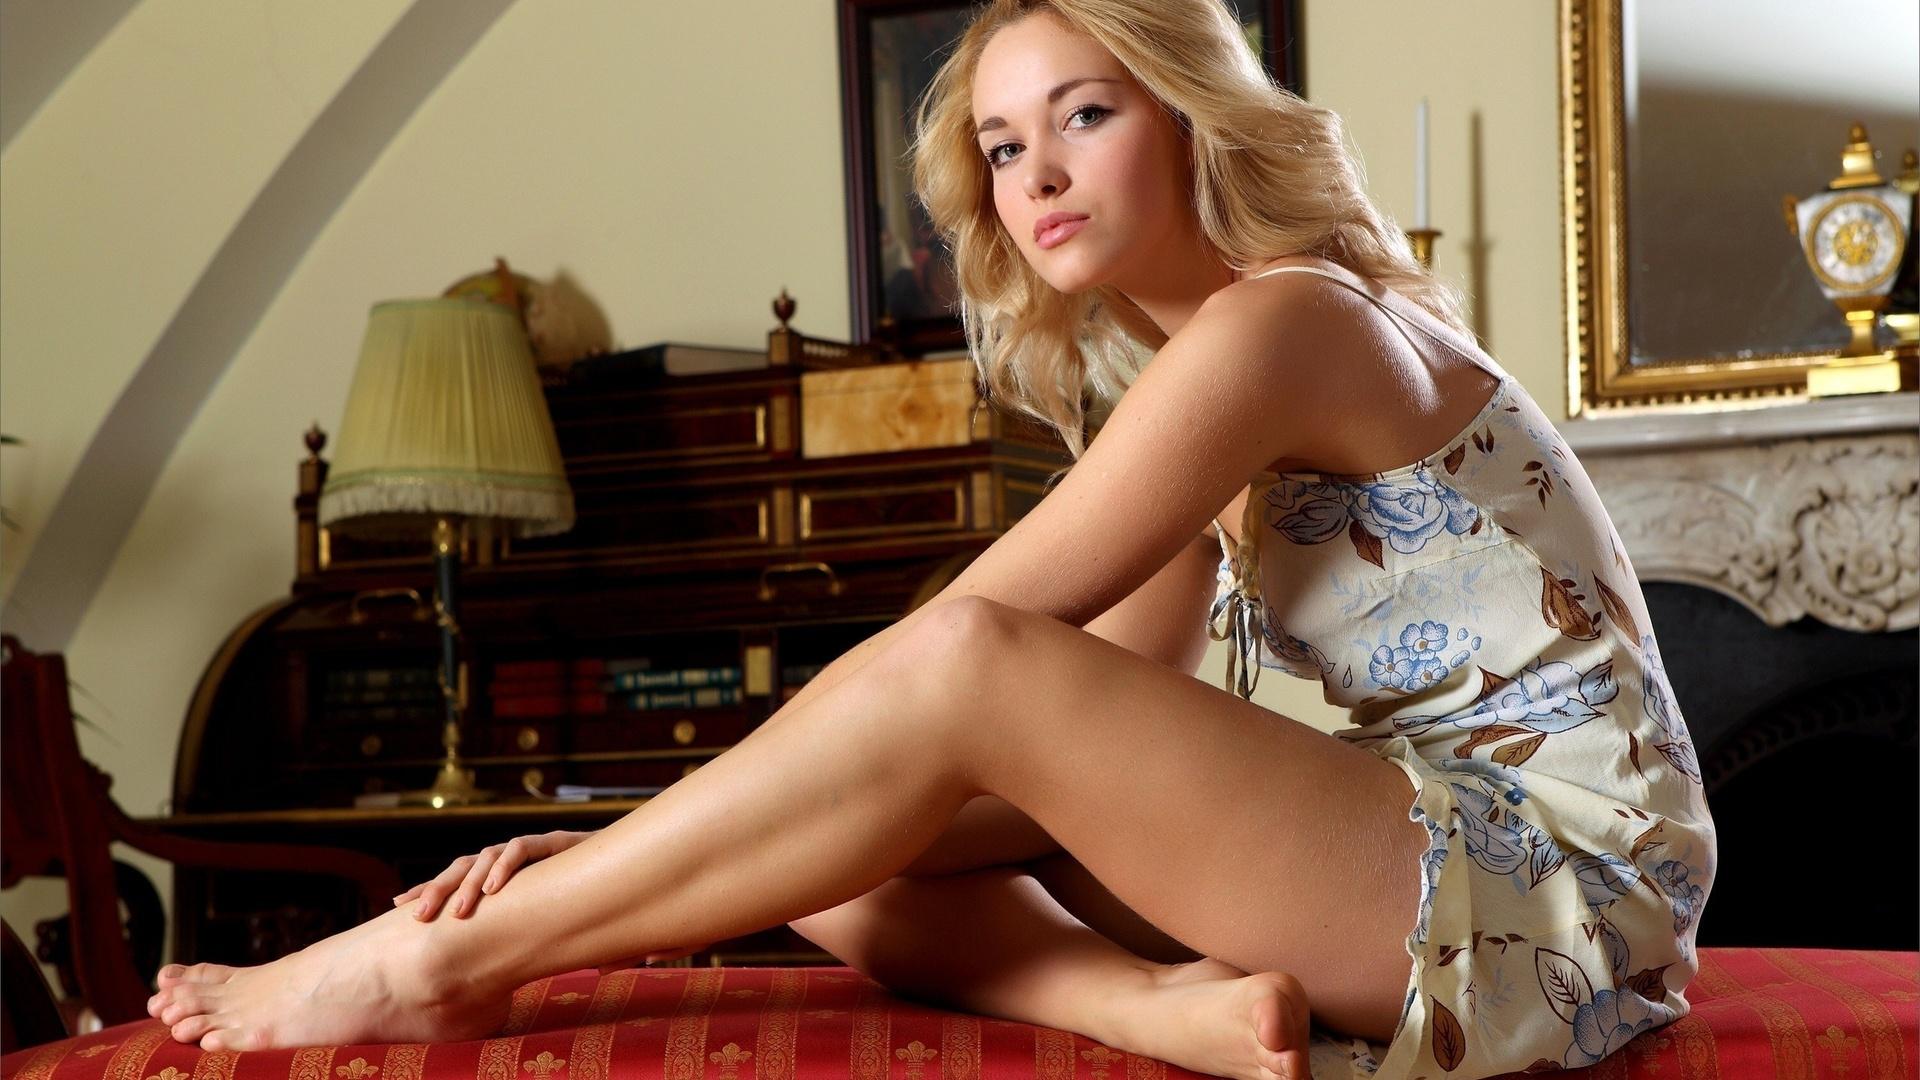 Секс с красивыми бландинками, Блондинки порно - пикантный Секс с Блондинкой на 20 фотография